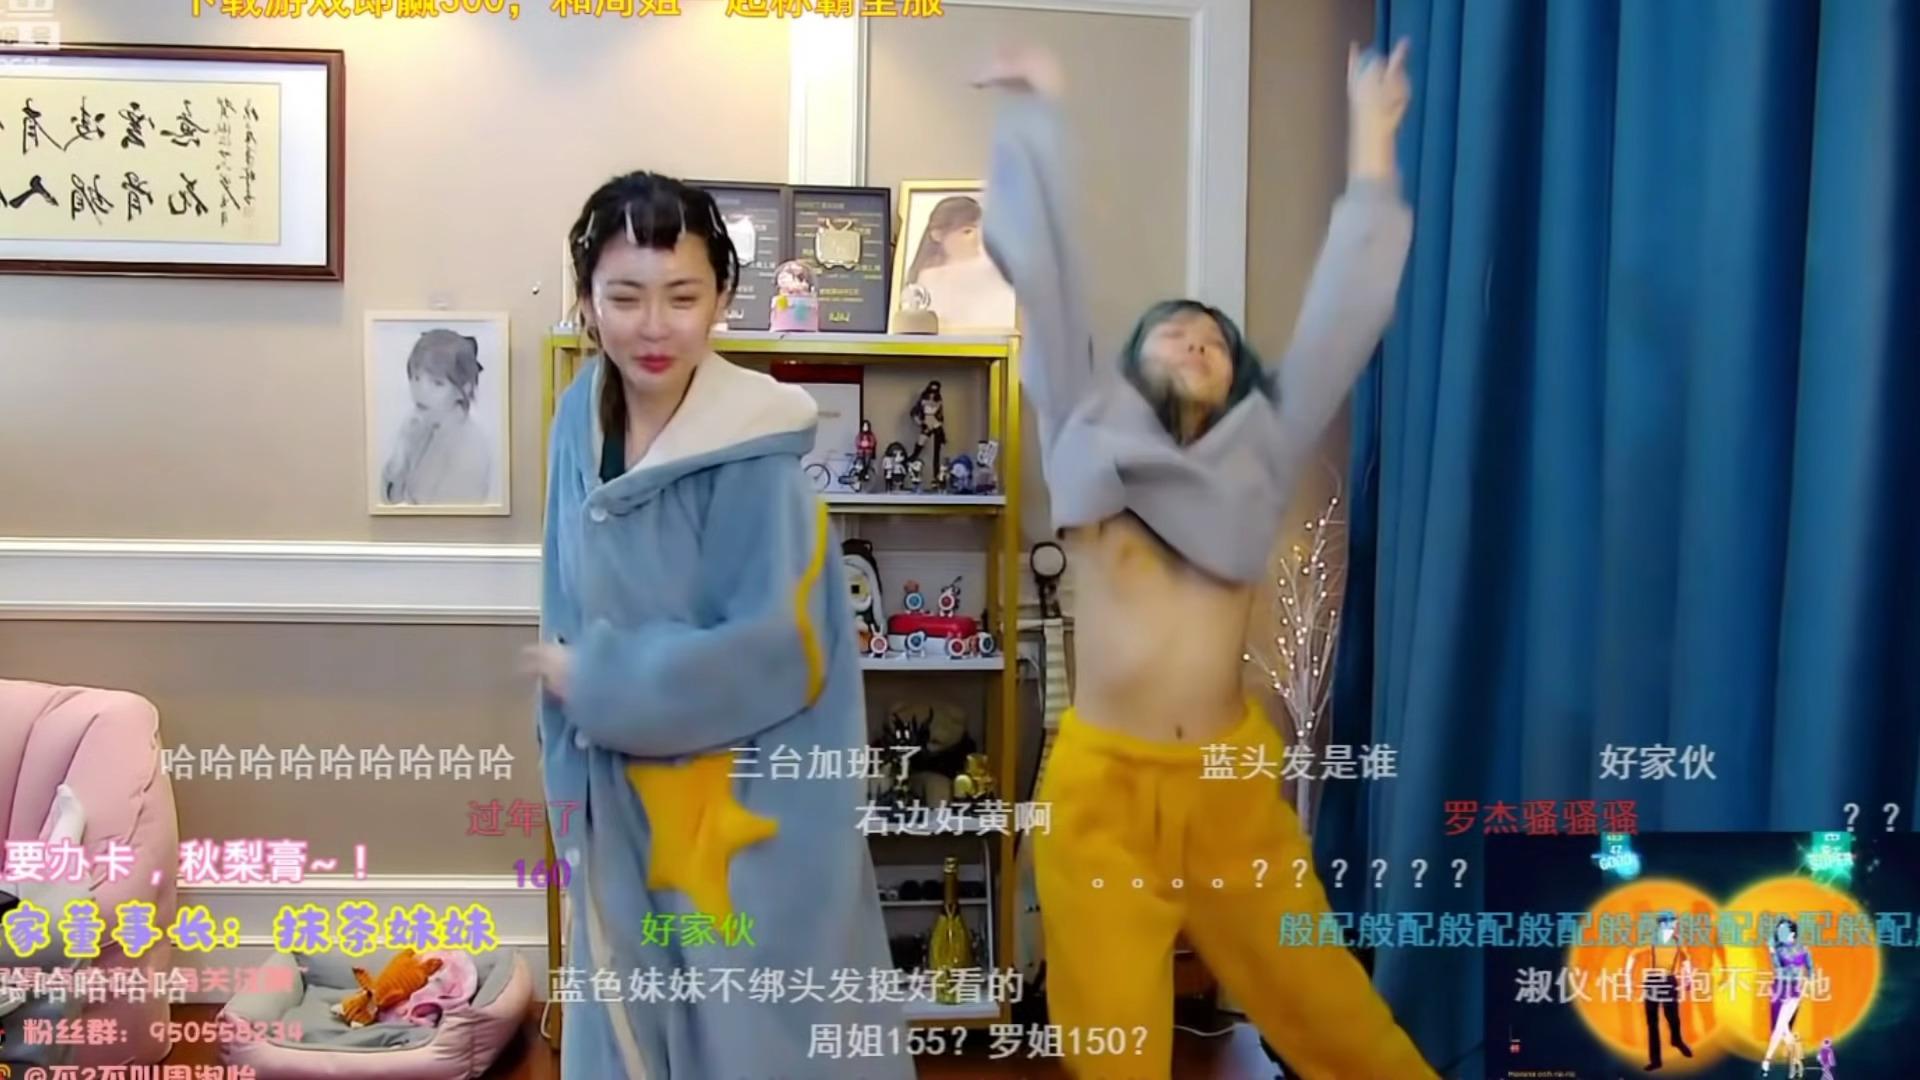 2020-12-09骆歆周淑怡一起跳舞 动作过大 漏点 03:16